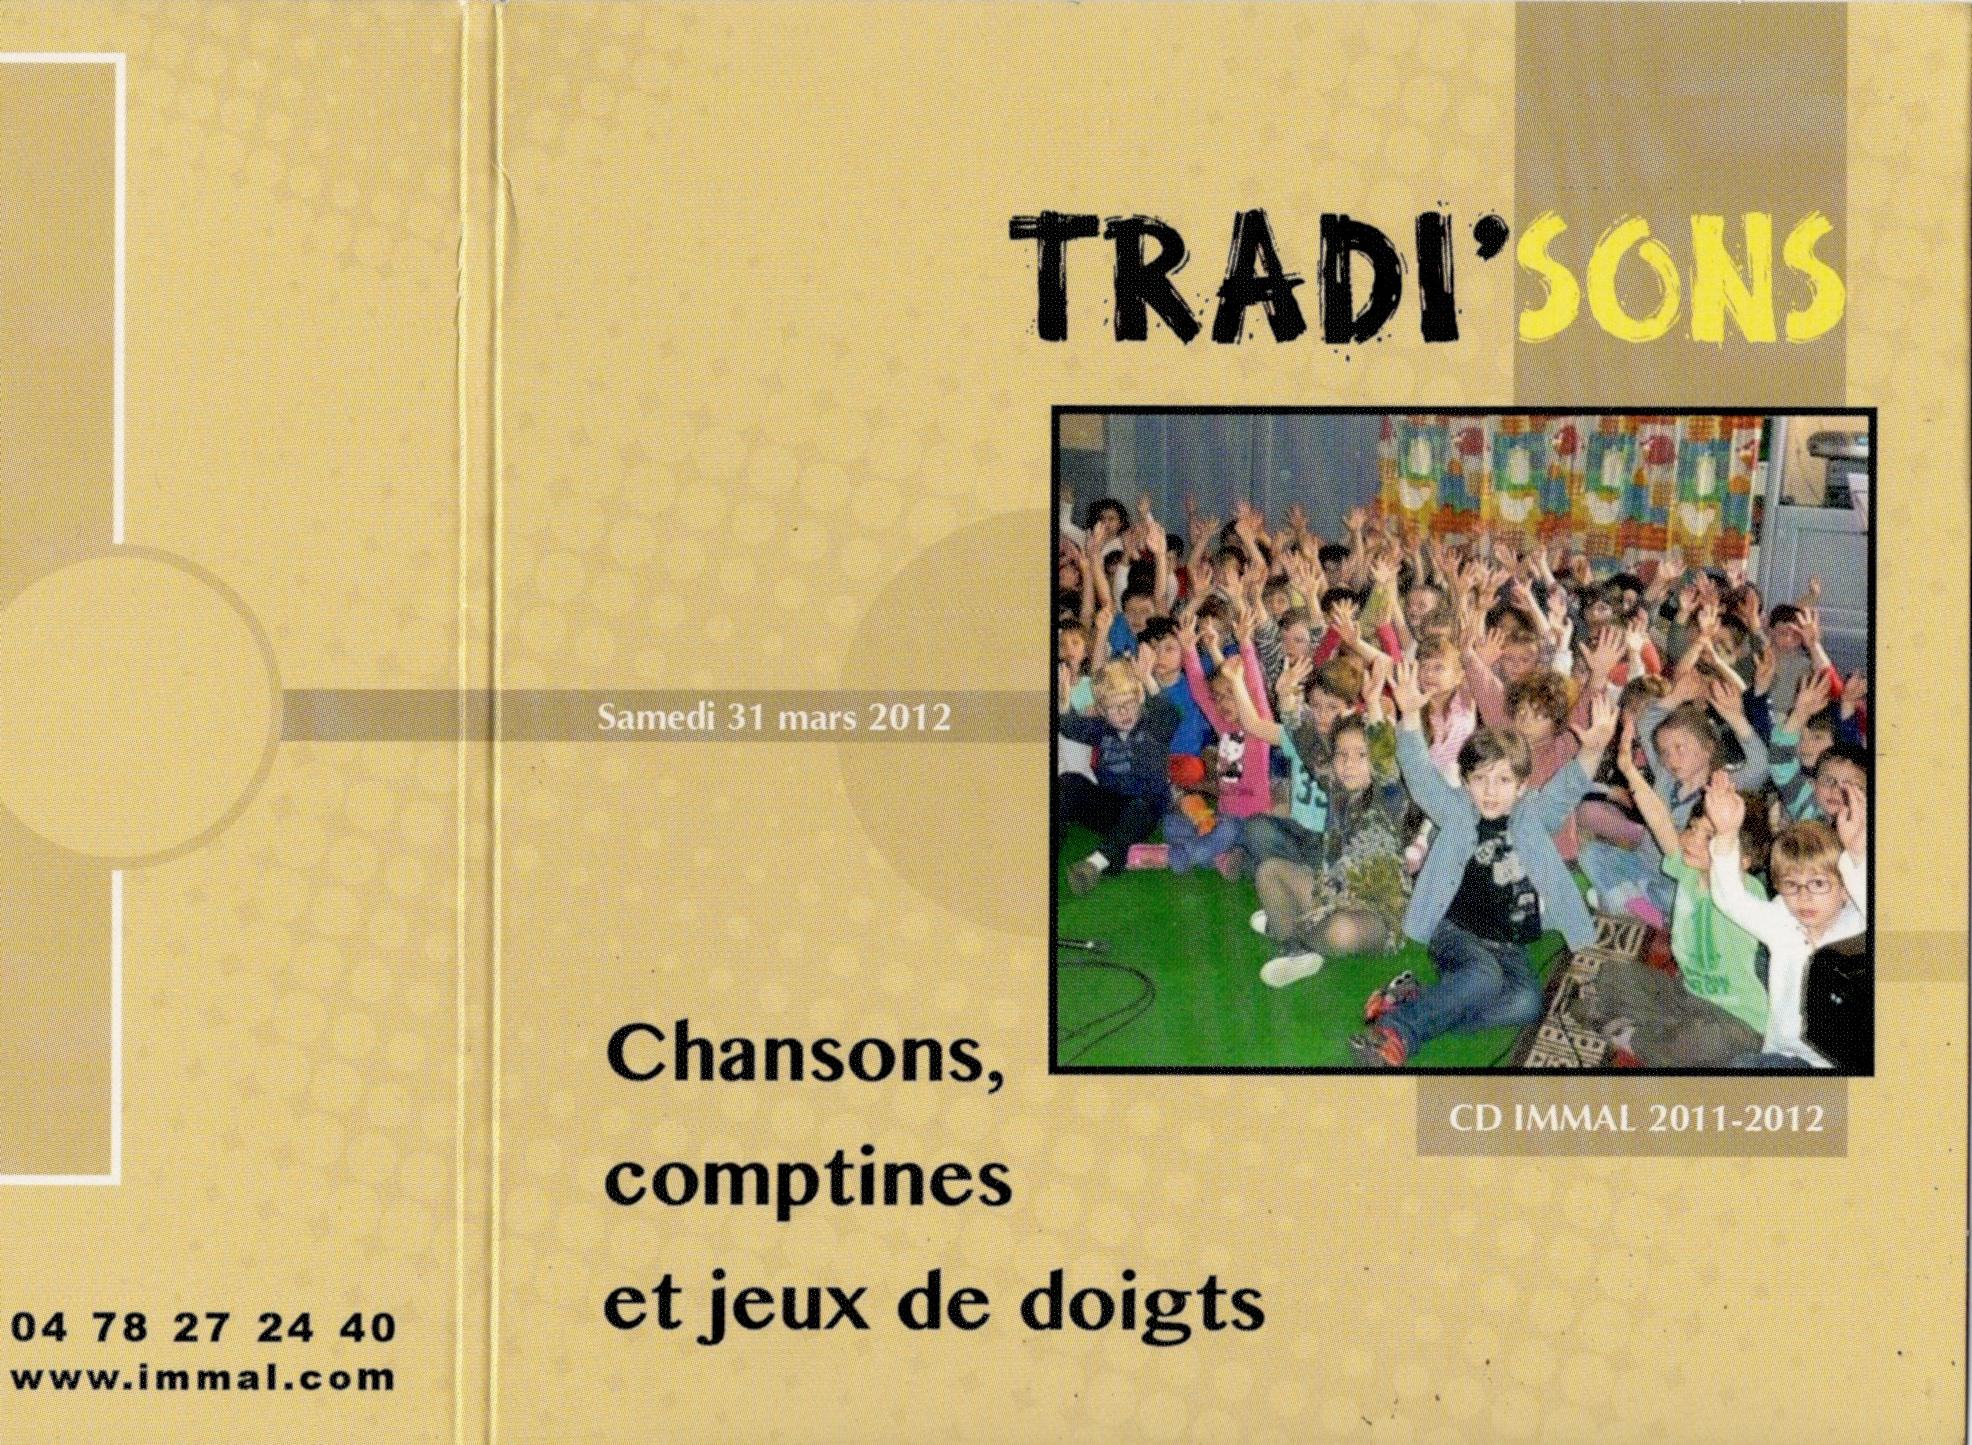 immal pochette cd souvenir 2012 - 2